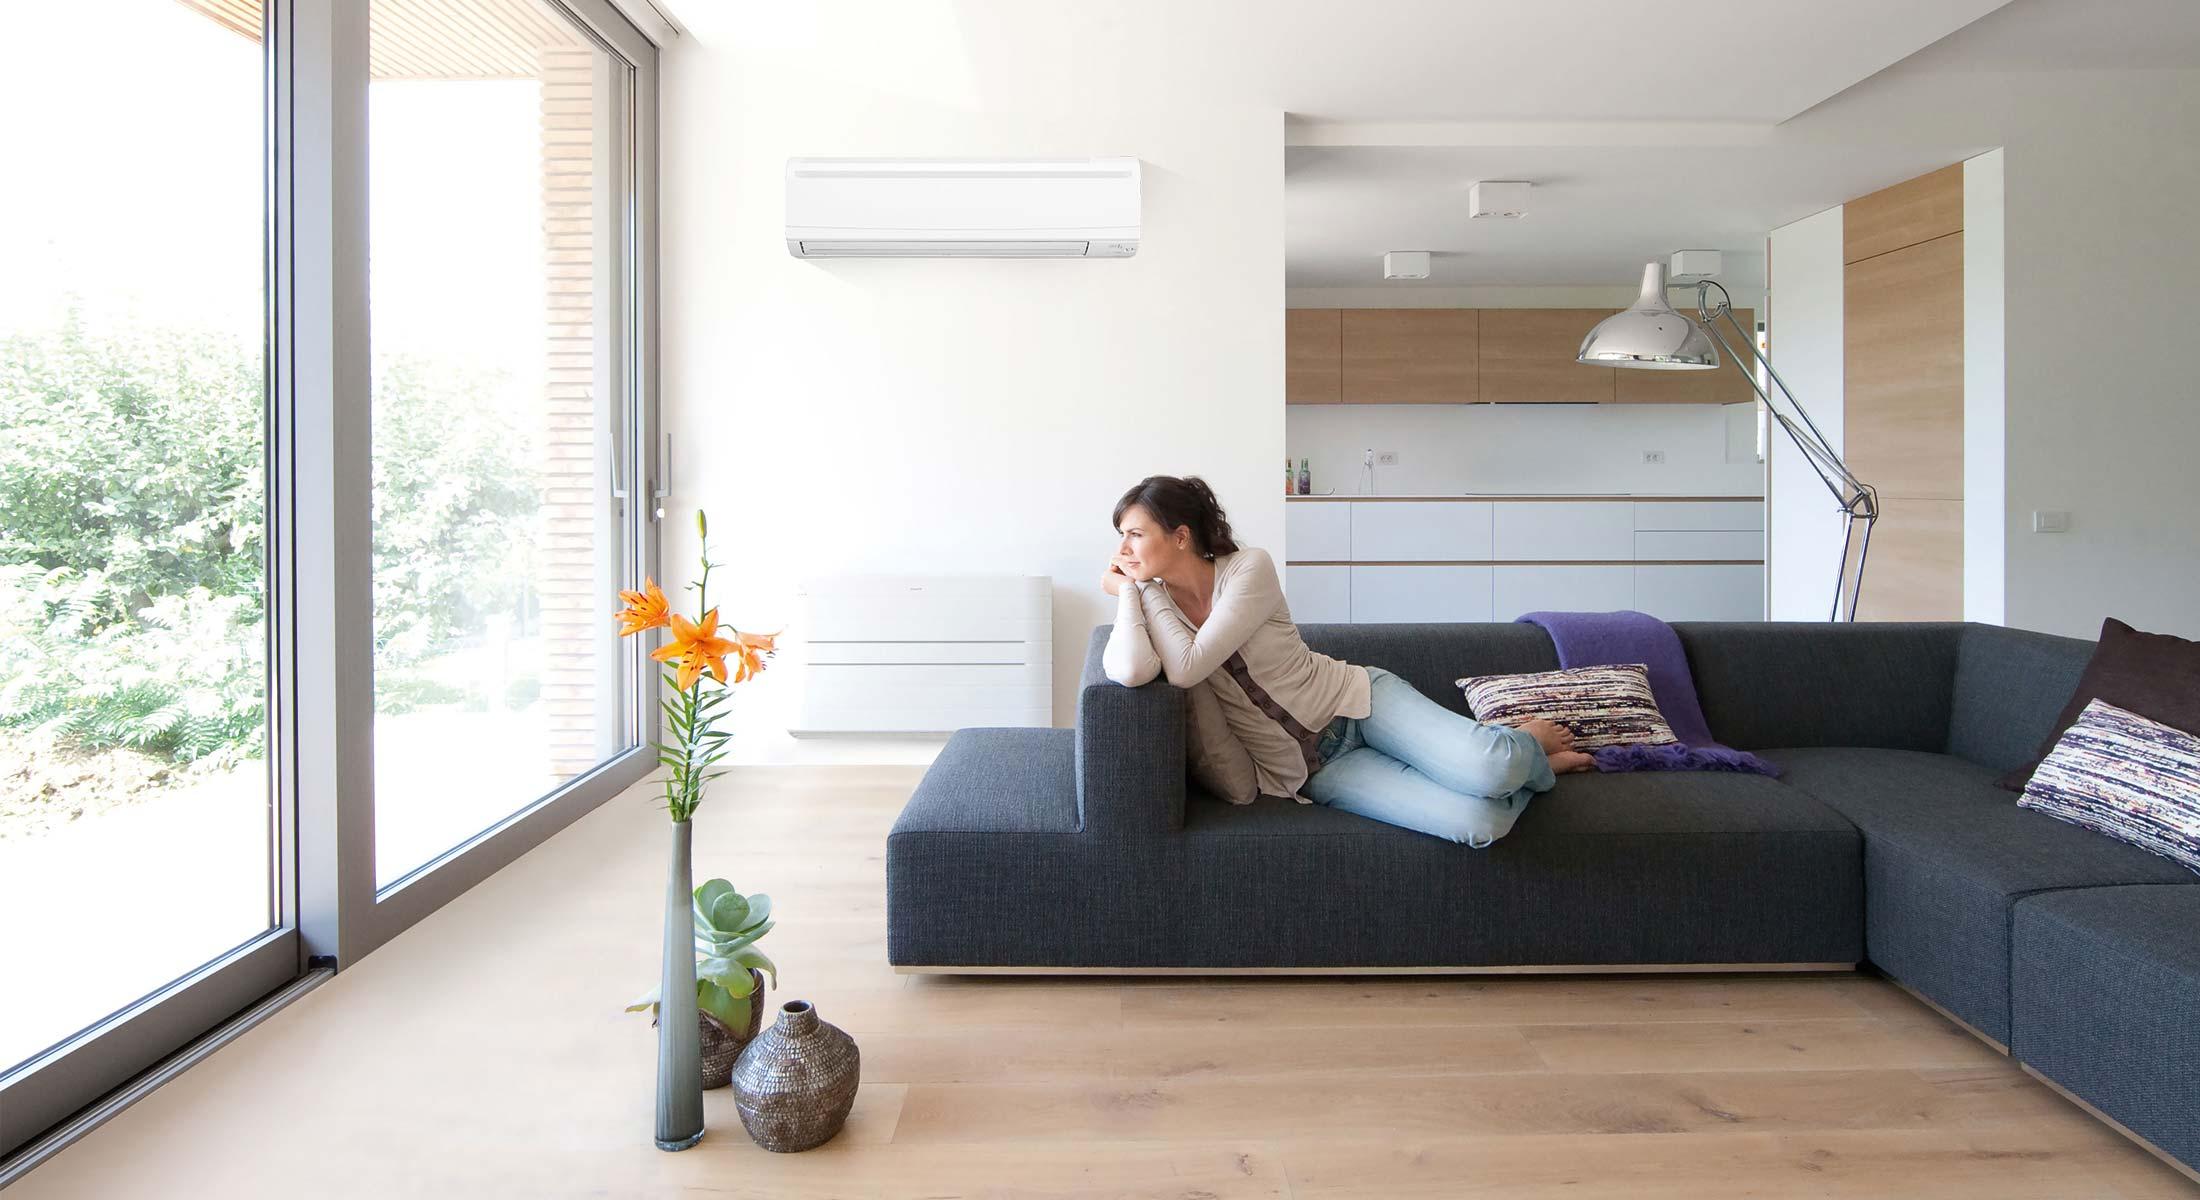 Nên sử dụng quạt khi dùng điều hòa để không khí được lưu thông